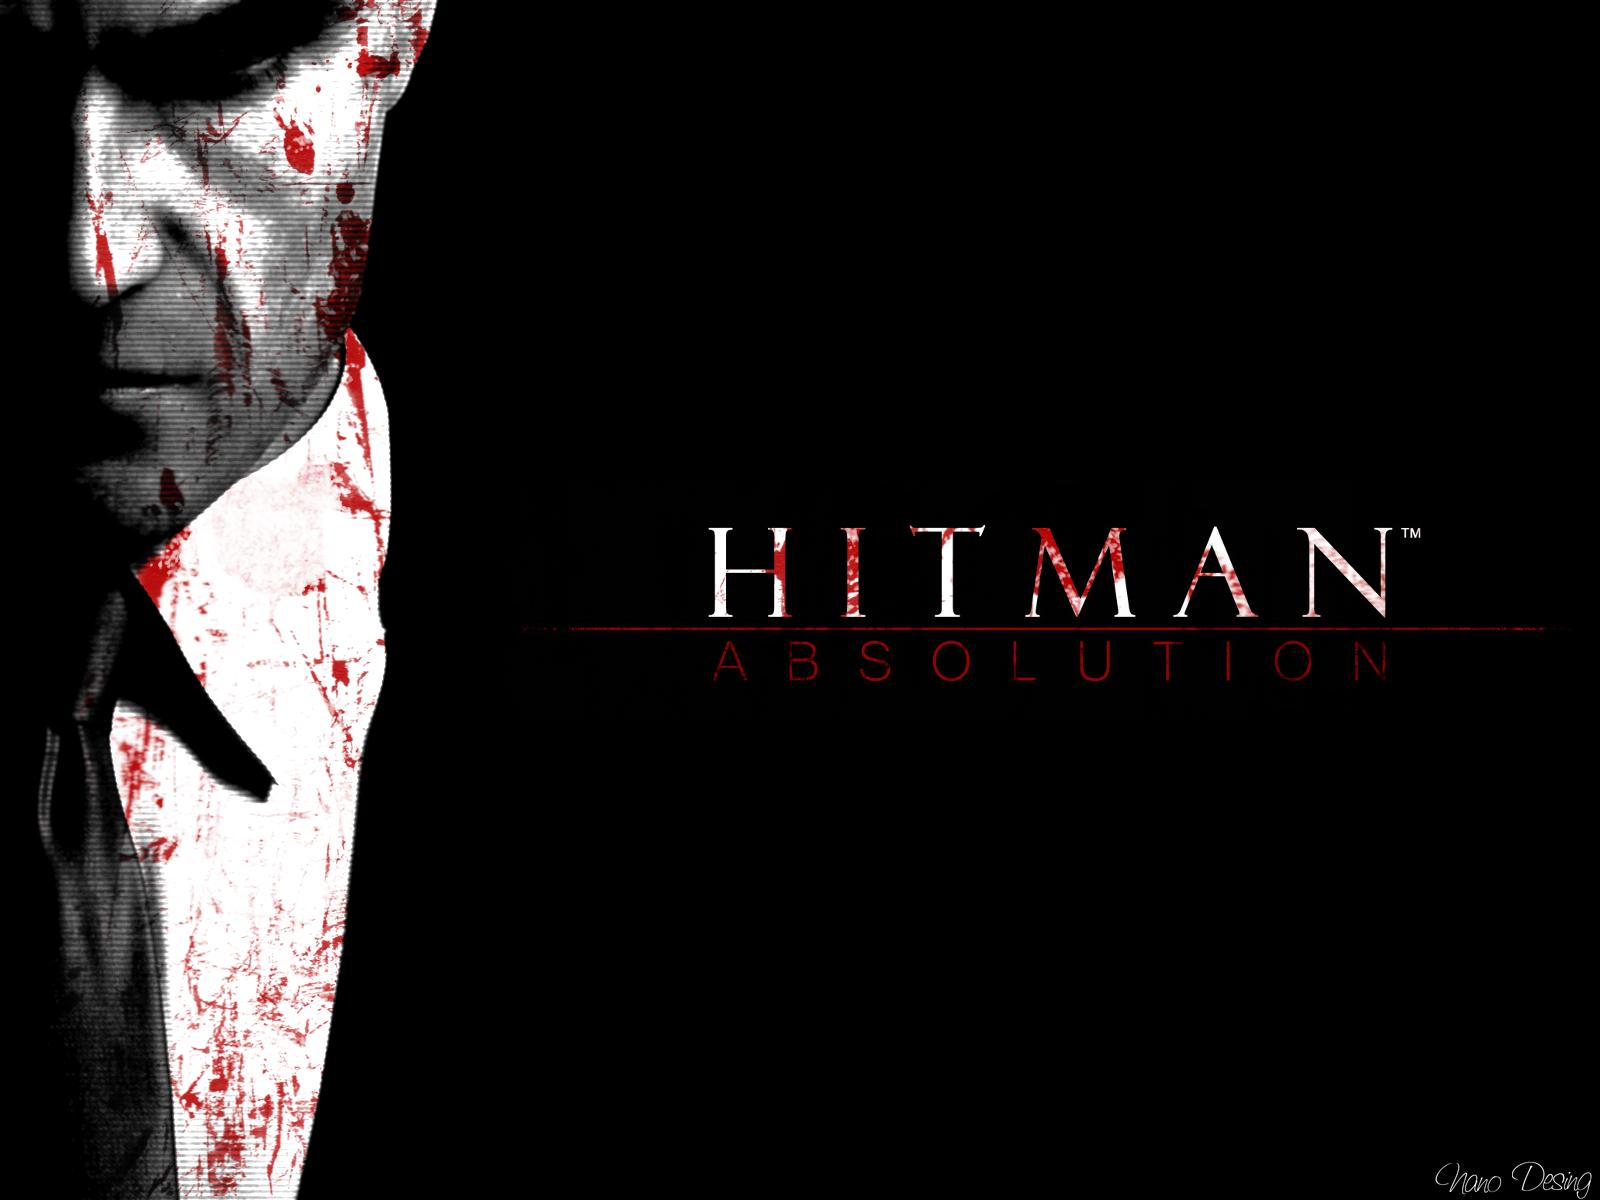 http://3.bp.blogspot.com/-iJVUVxeimUI/T3yrsCYvZiI/AAAAAAAABFw/8vLCmR3hdmo/s1600/Hitman-Absolution-Wallpaper.png